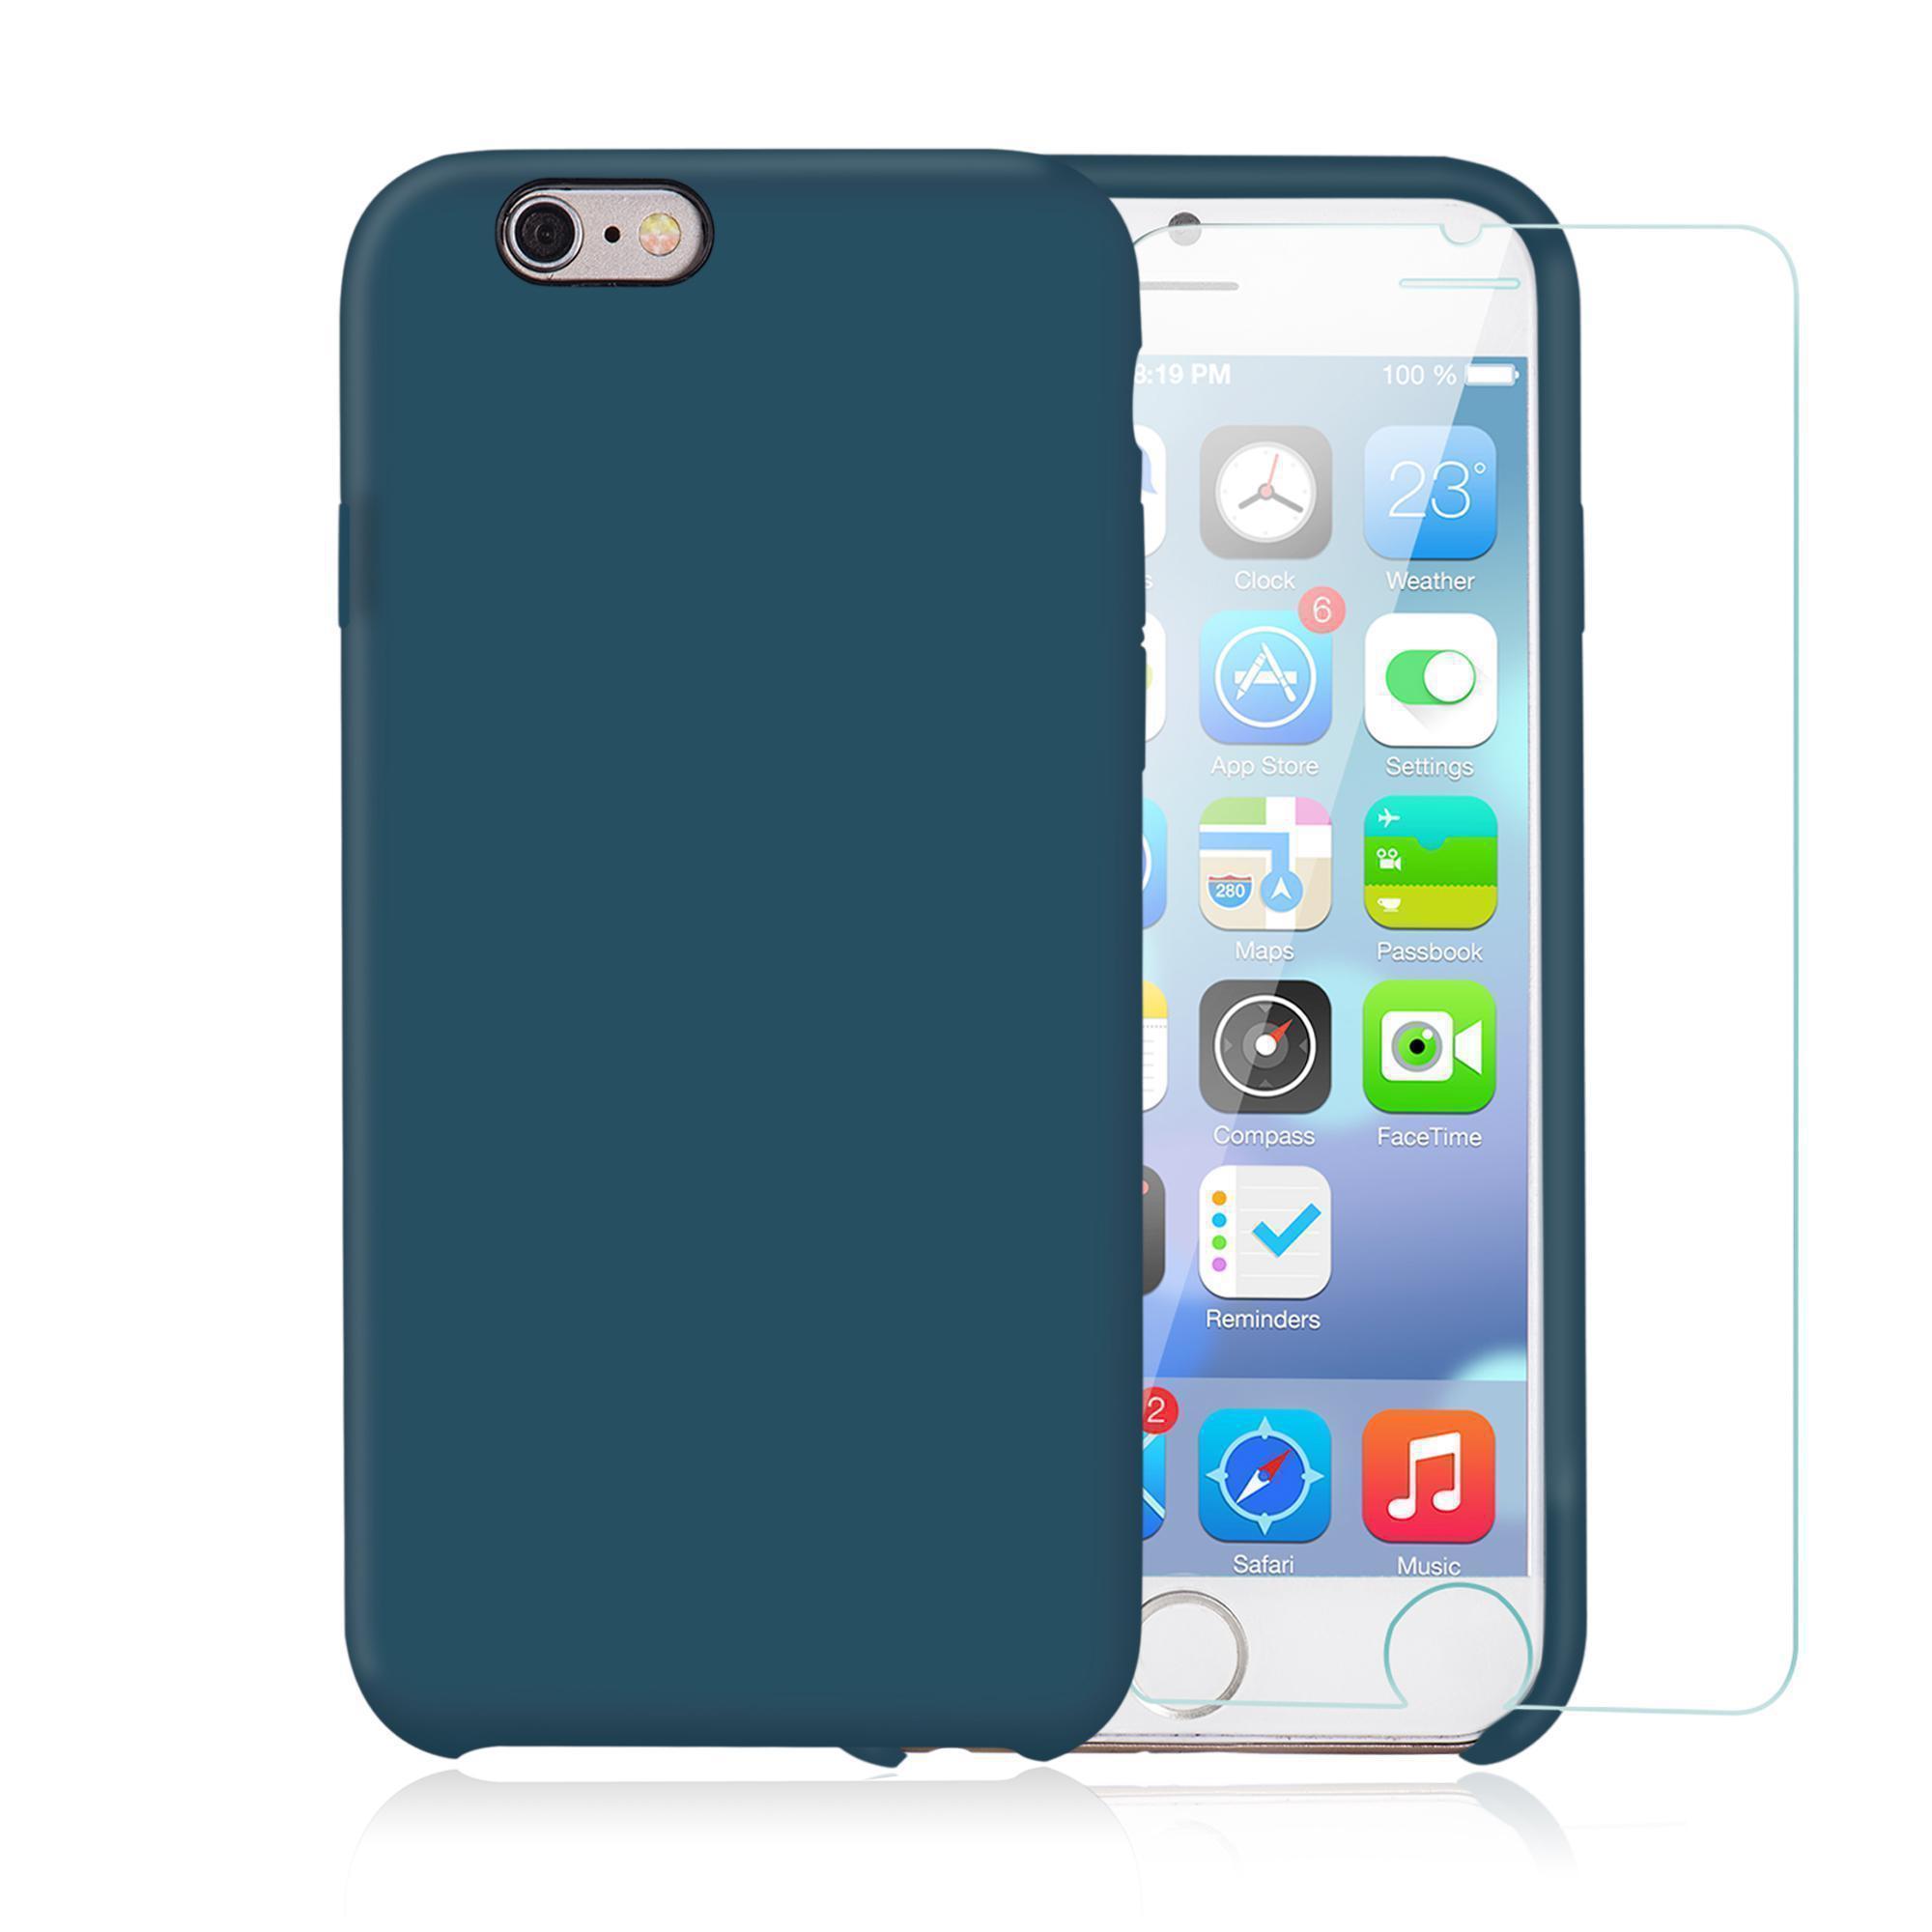 Capa e 2 películas de proteção iPhone 6 Plus/6S Plus - Silicone - Teal